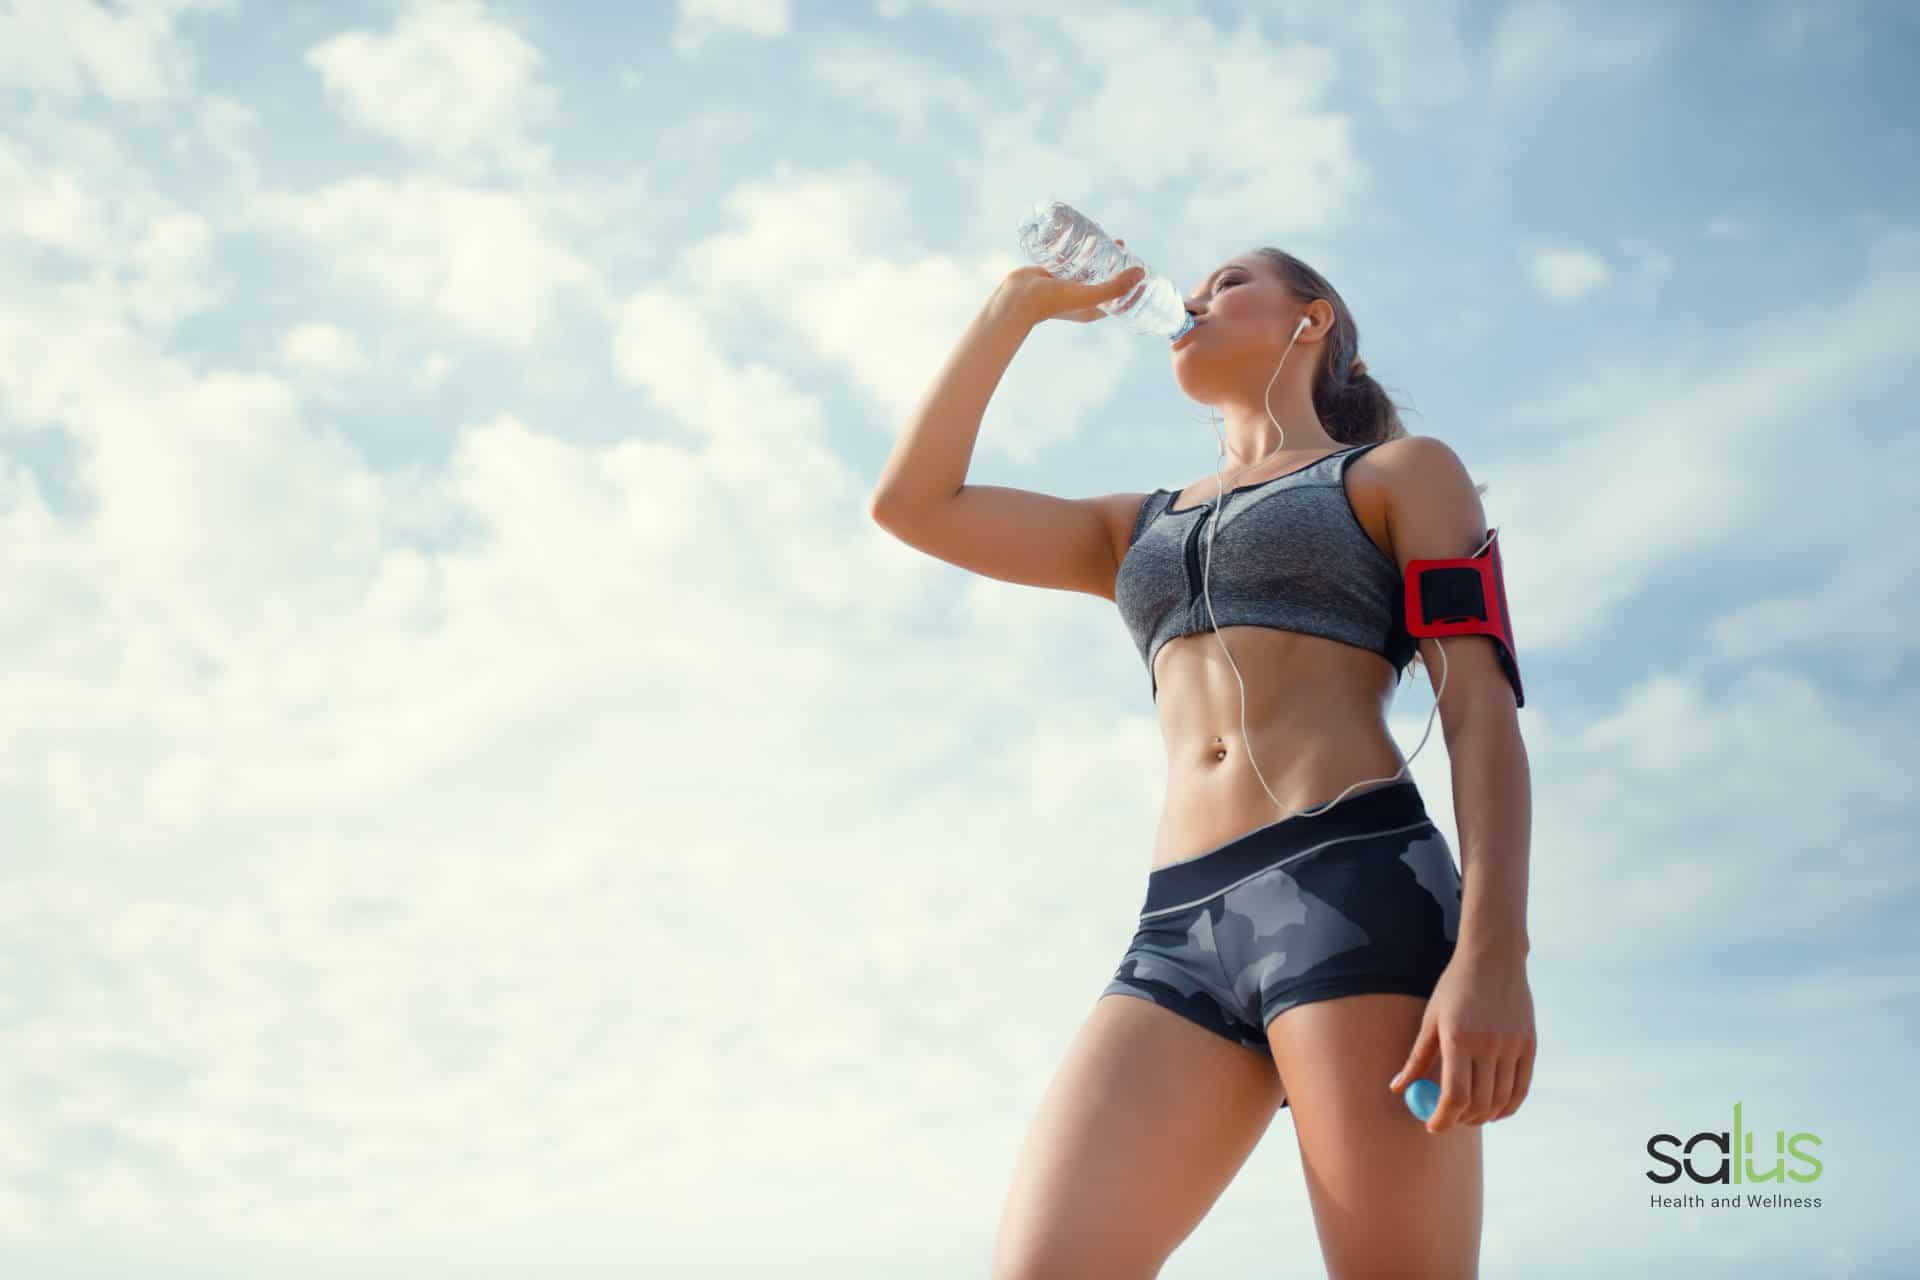 Salus Blog - Ritenzione idrica gambe come combatterla